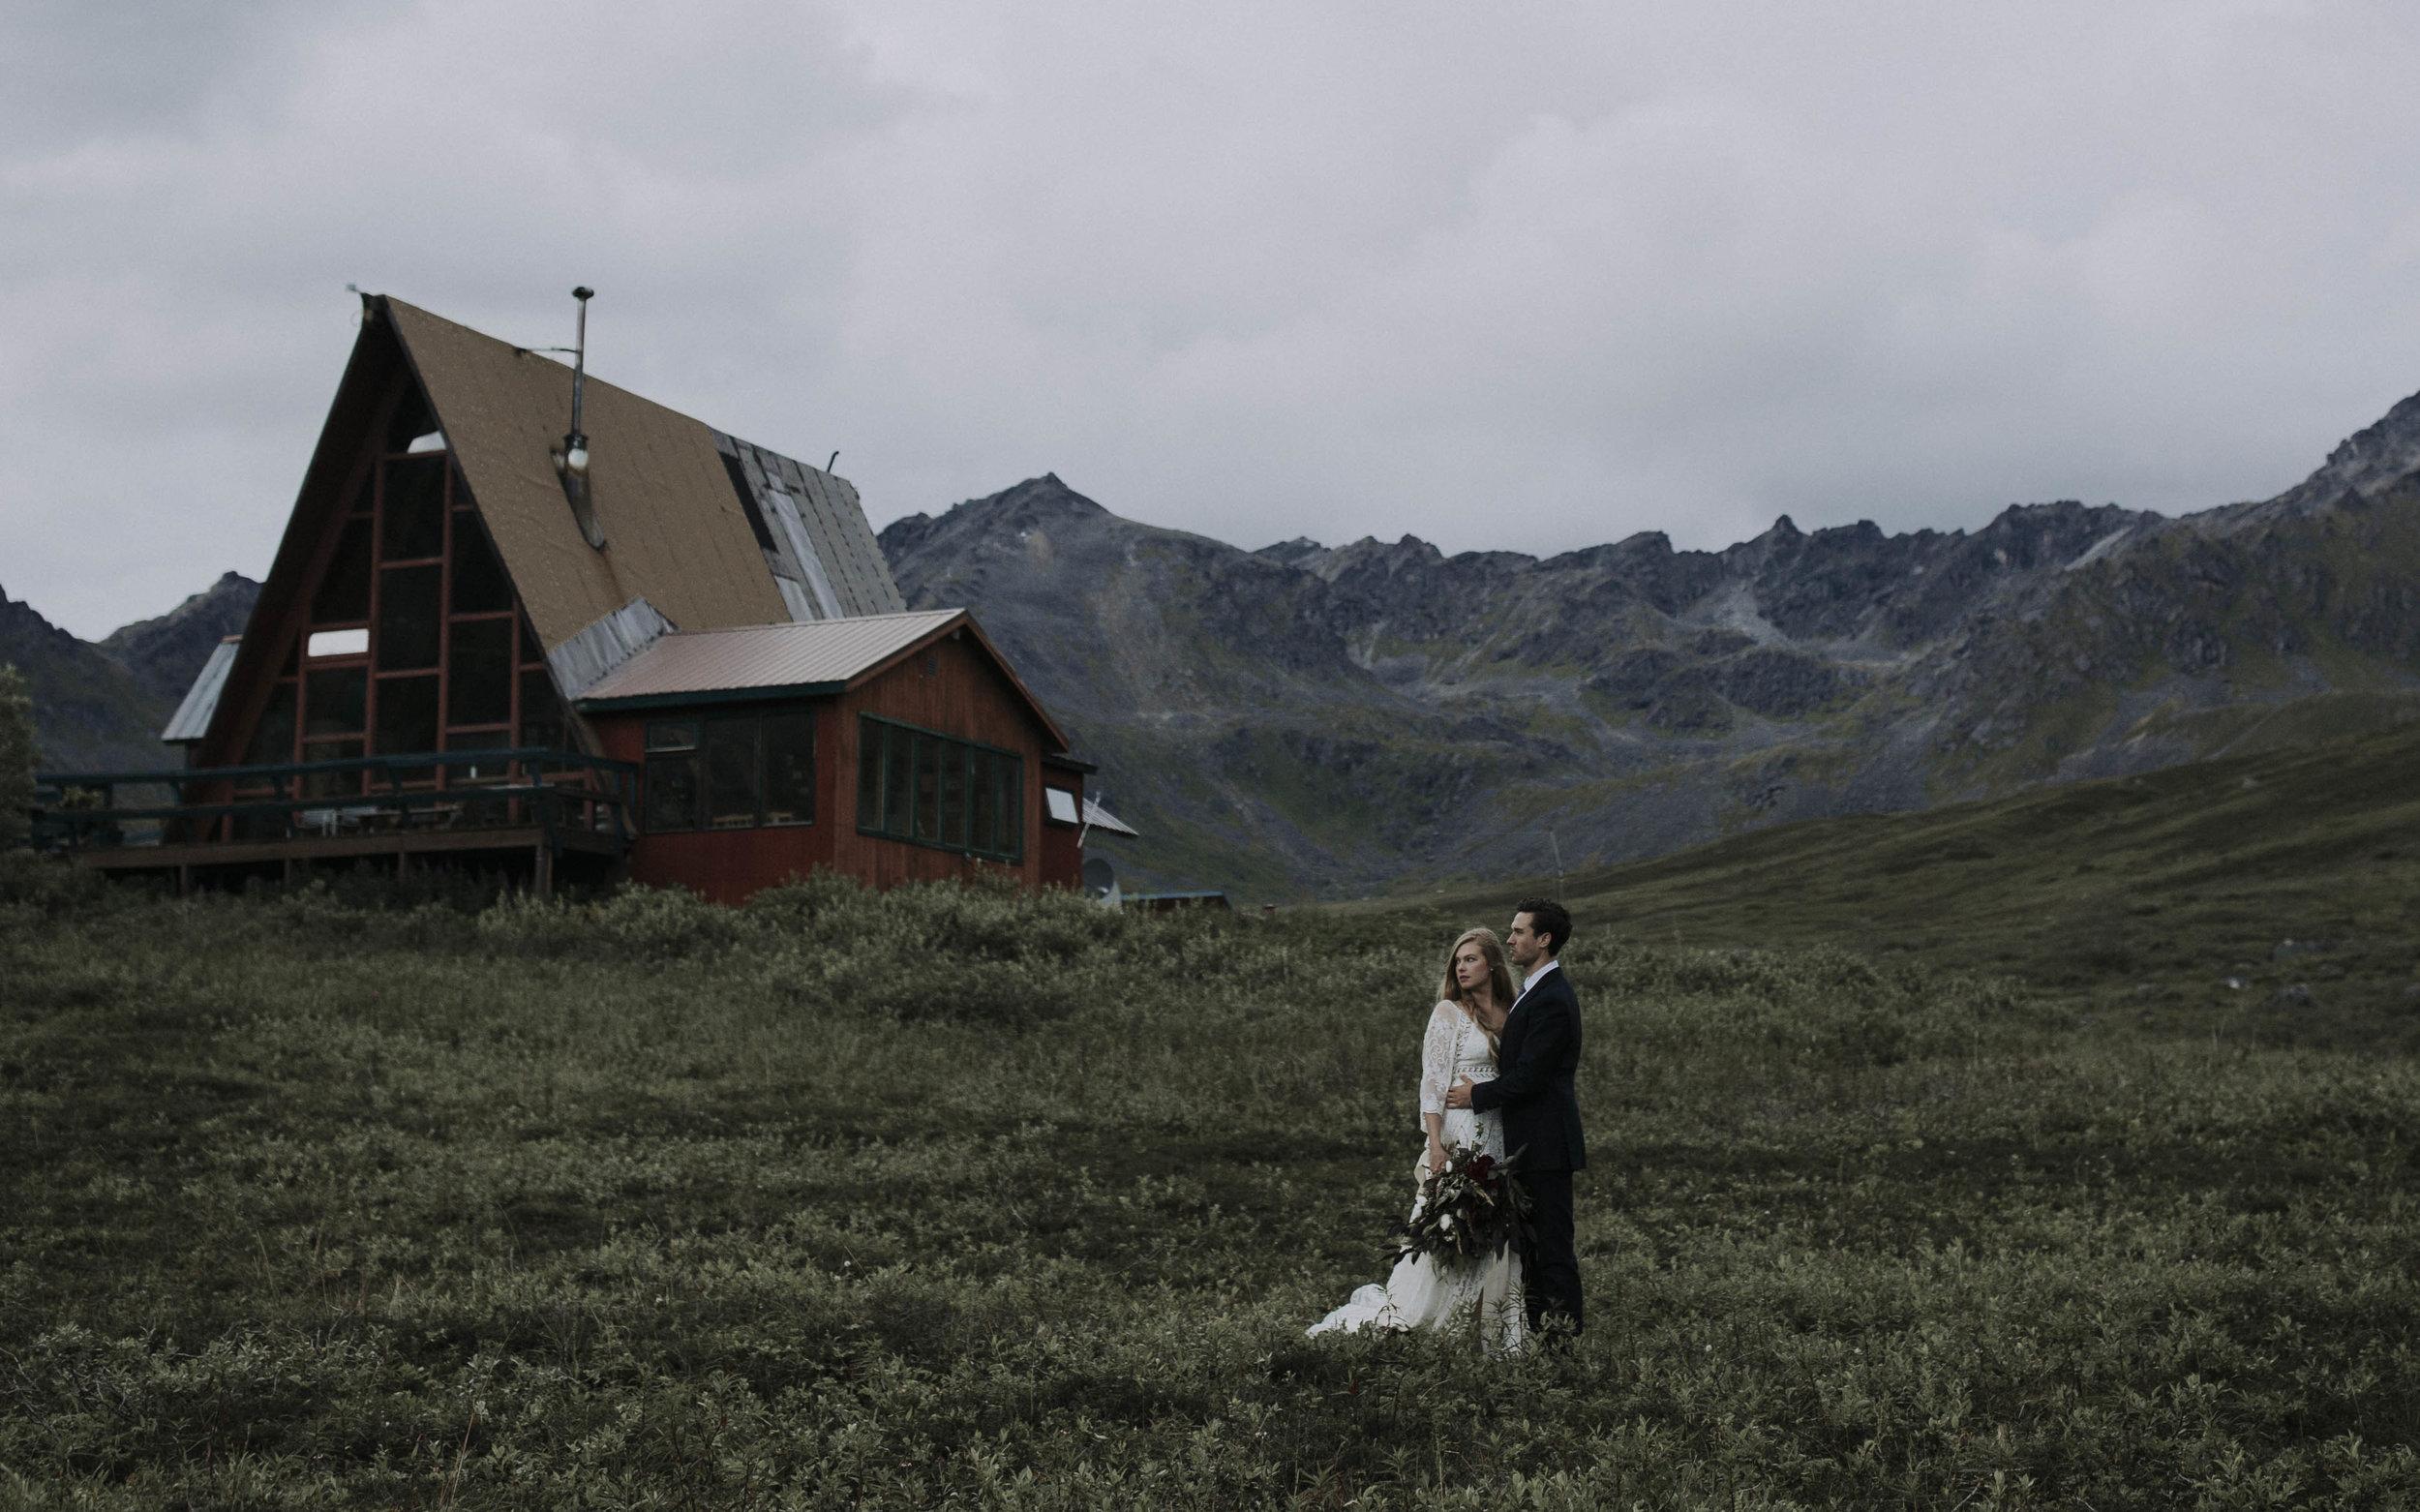 ariel-lynn-alaska-elopement-mountain-inspiration-7.jpg